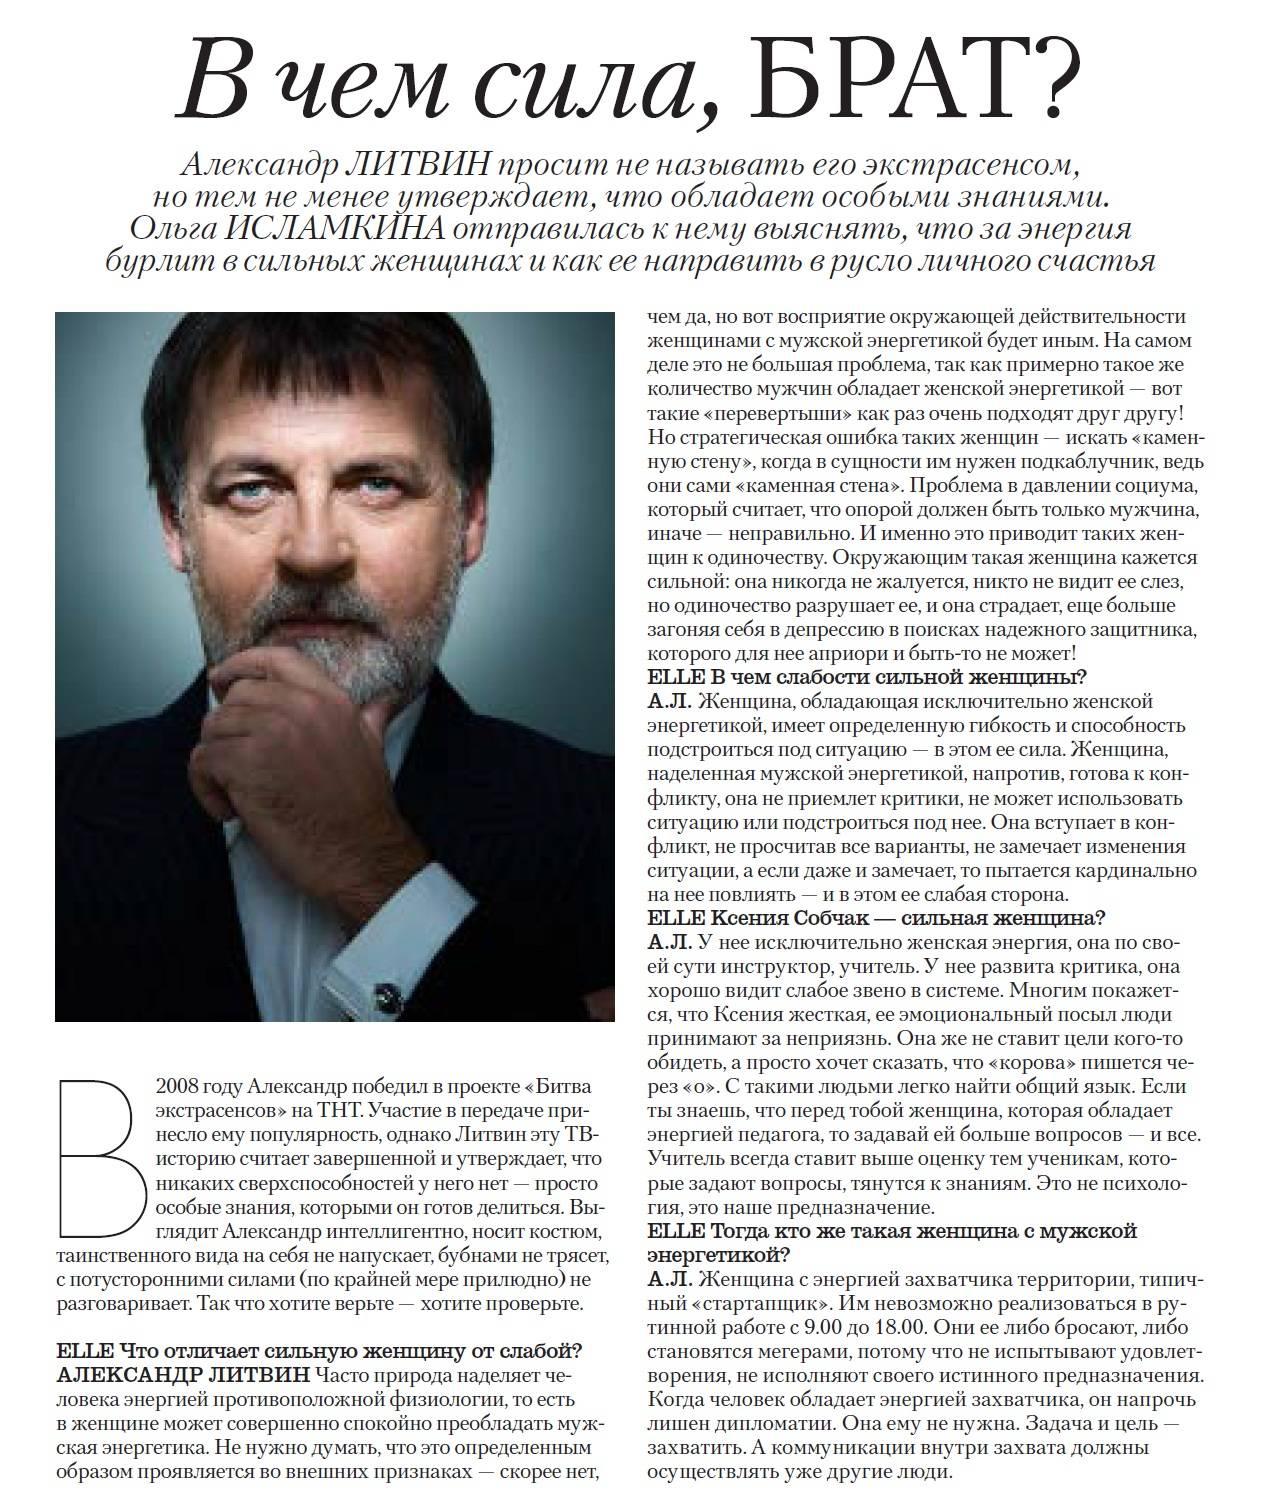 Предсказания александра литвина на 2020 год дословно для россии, украины и мира в целом